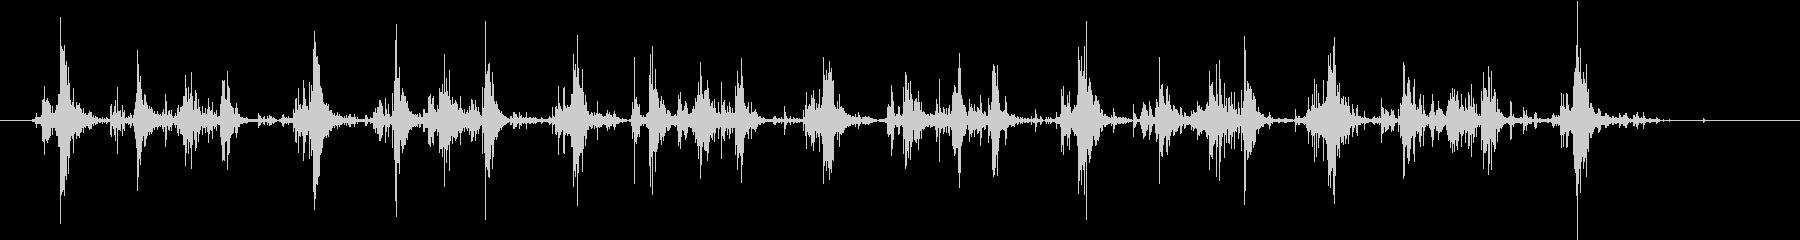 シードシェーカー:ウッド:リズム、...の未再生の波形